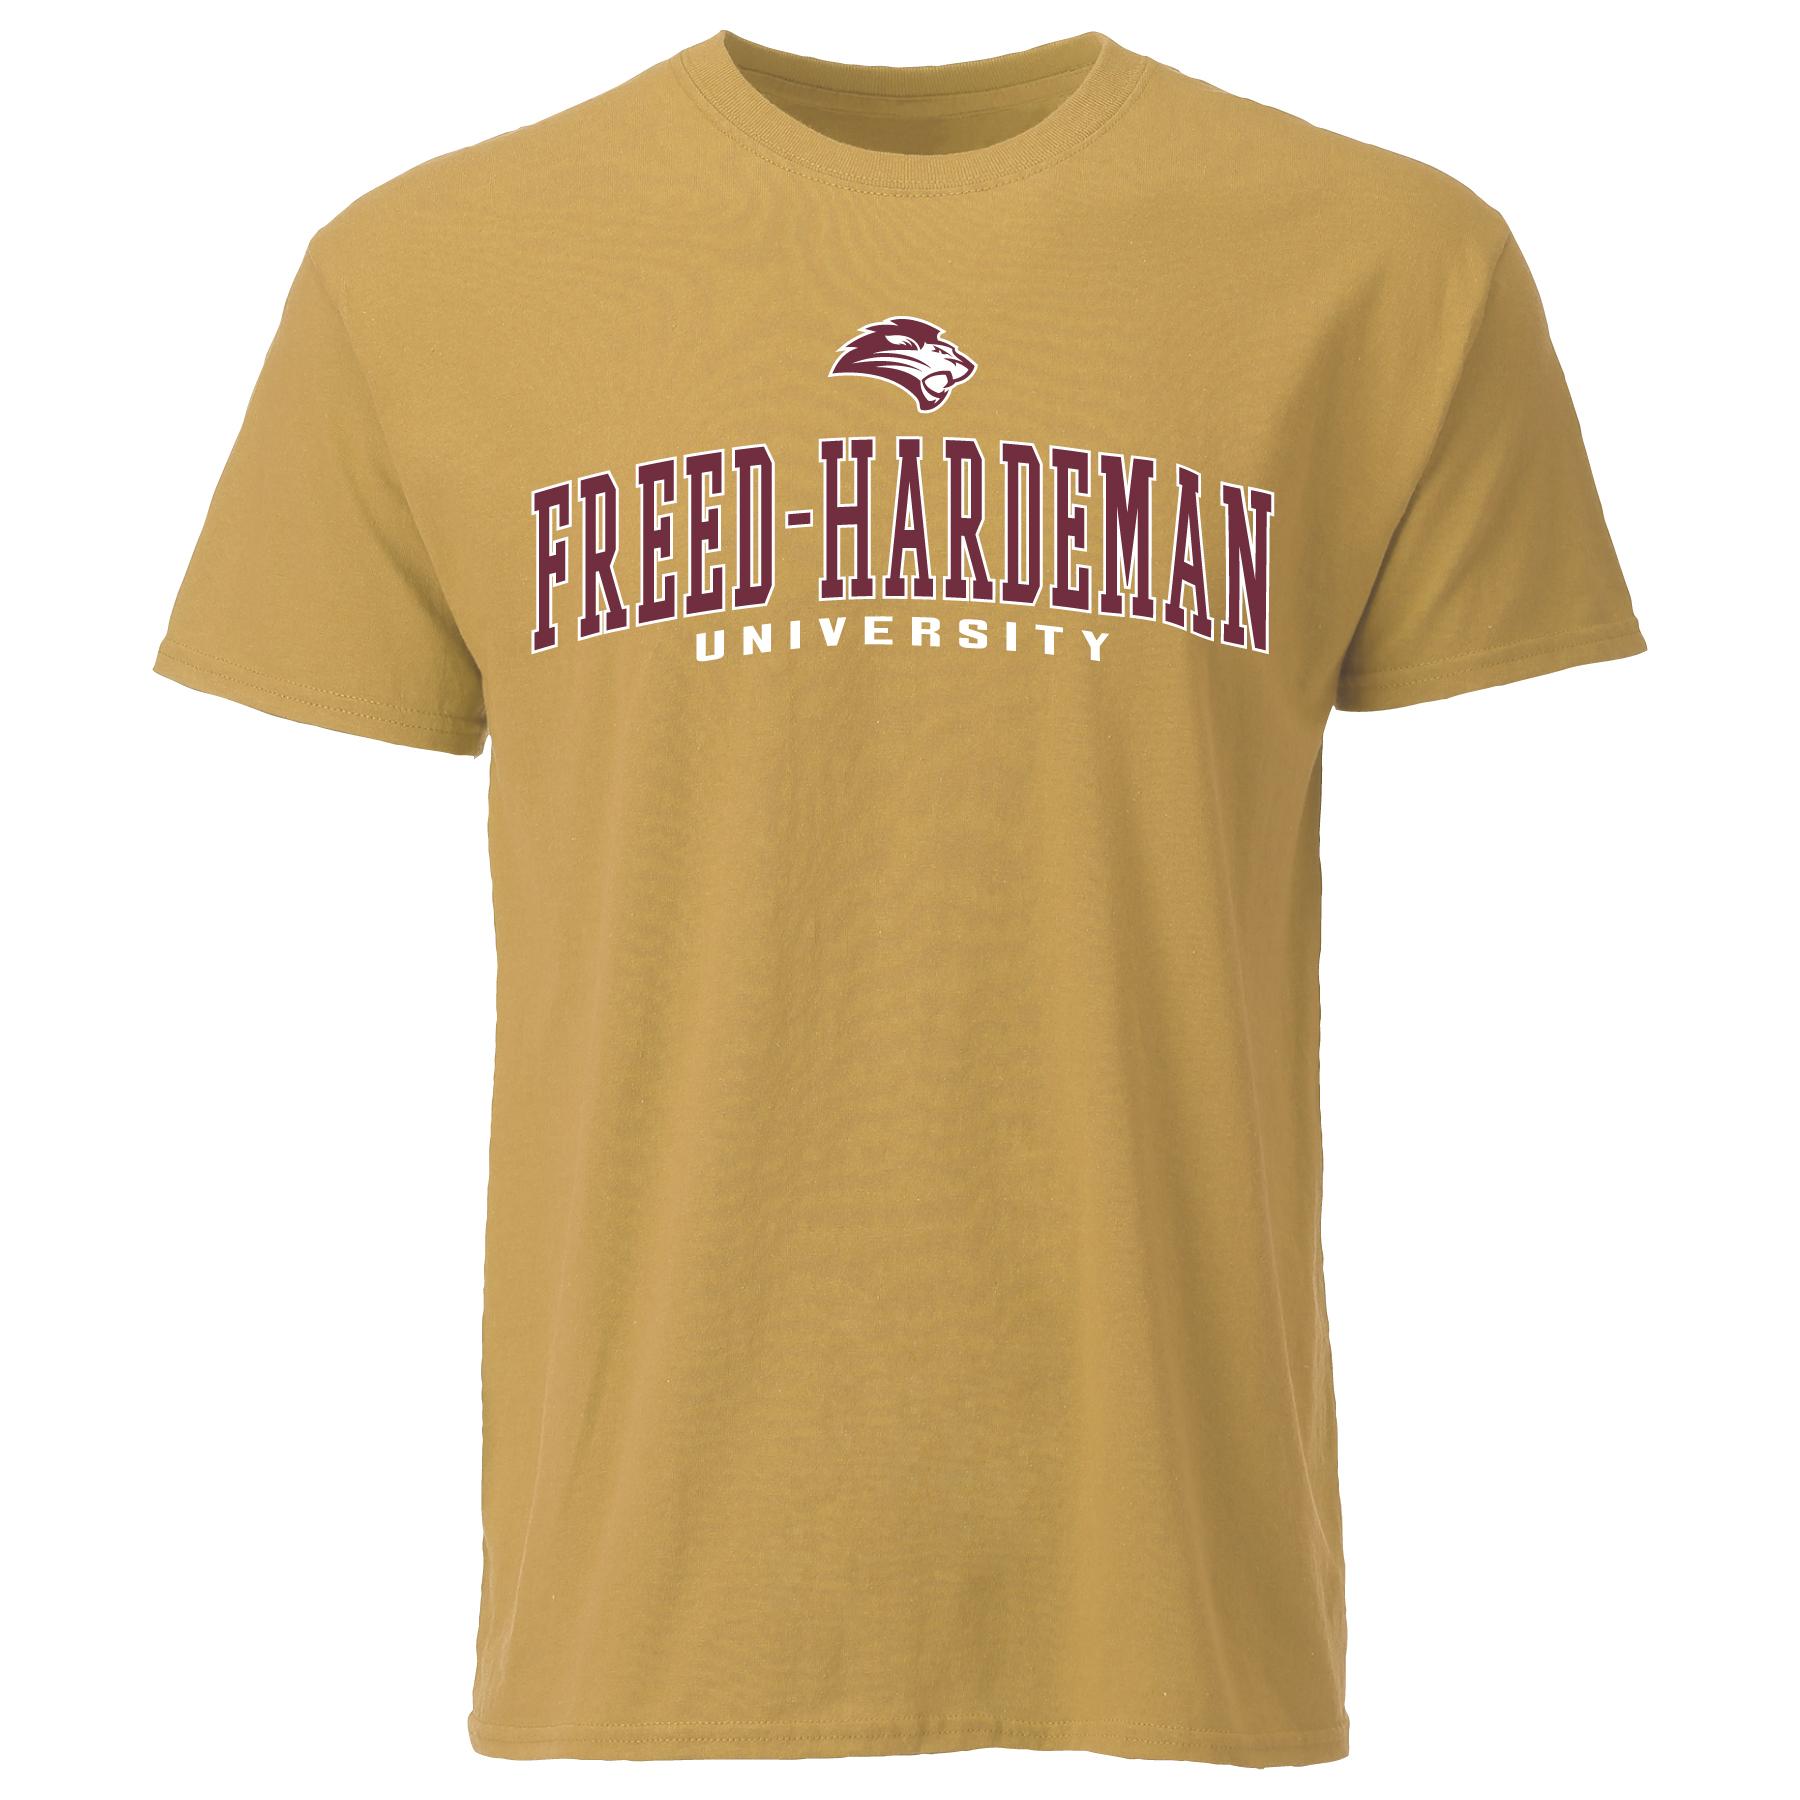 Freed-Hardeman Tee